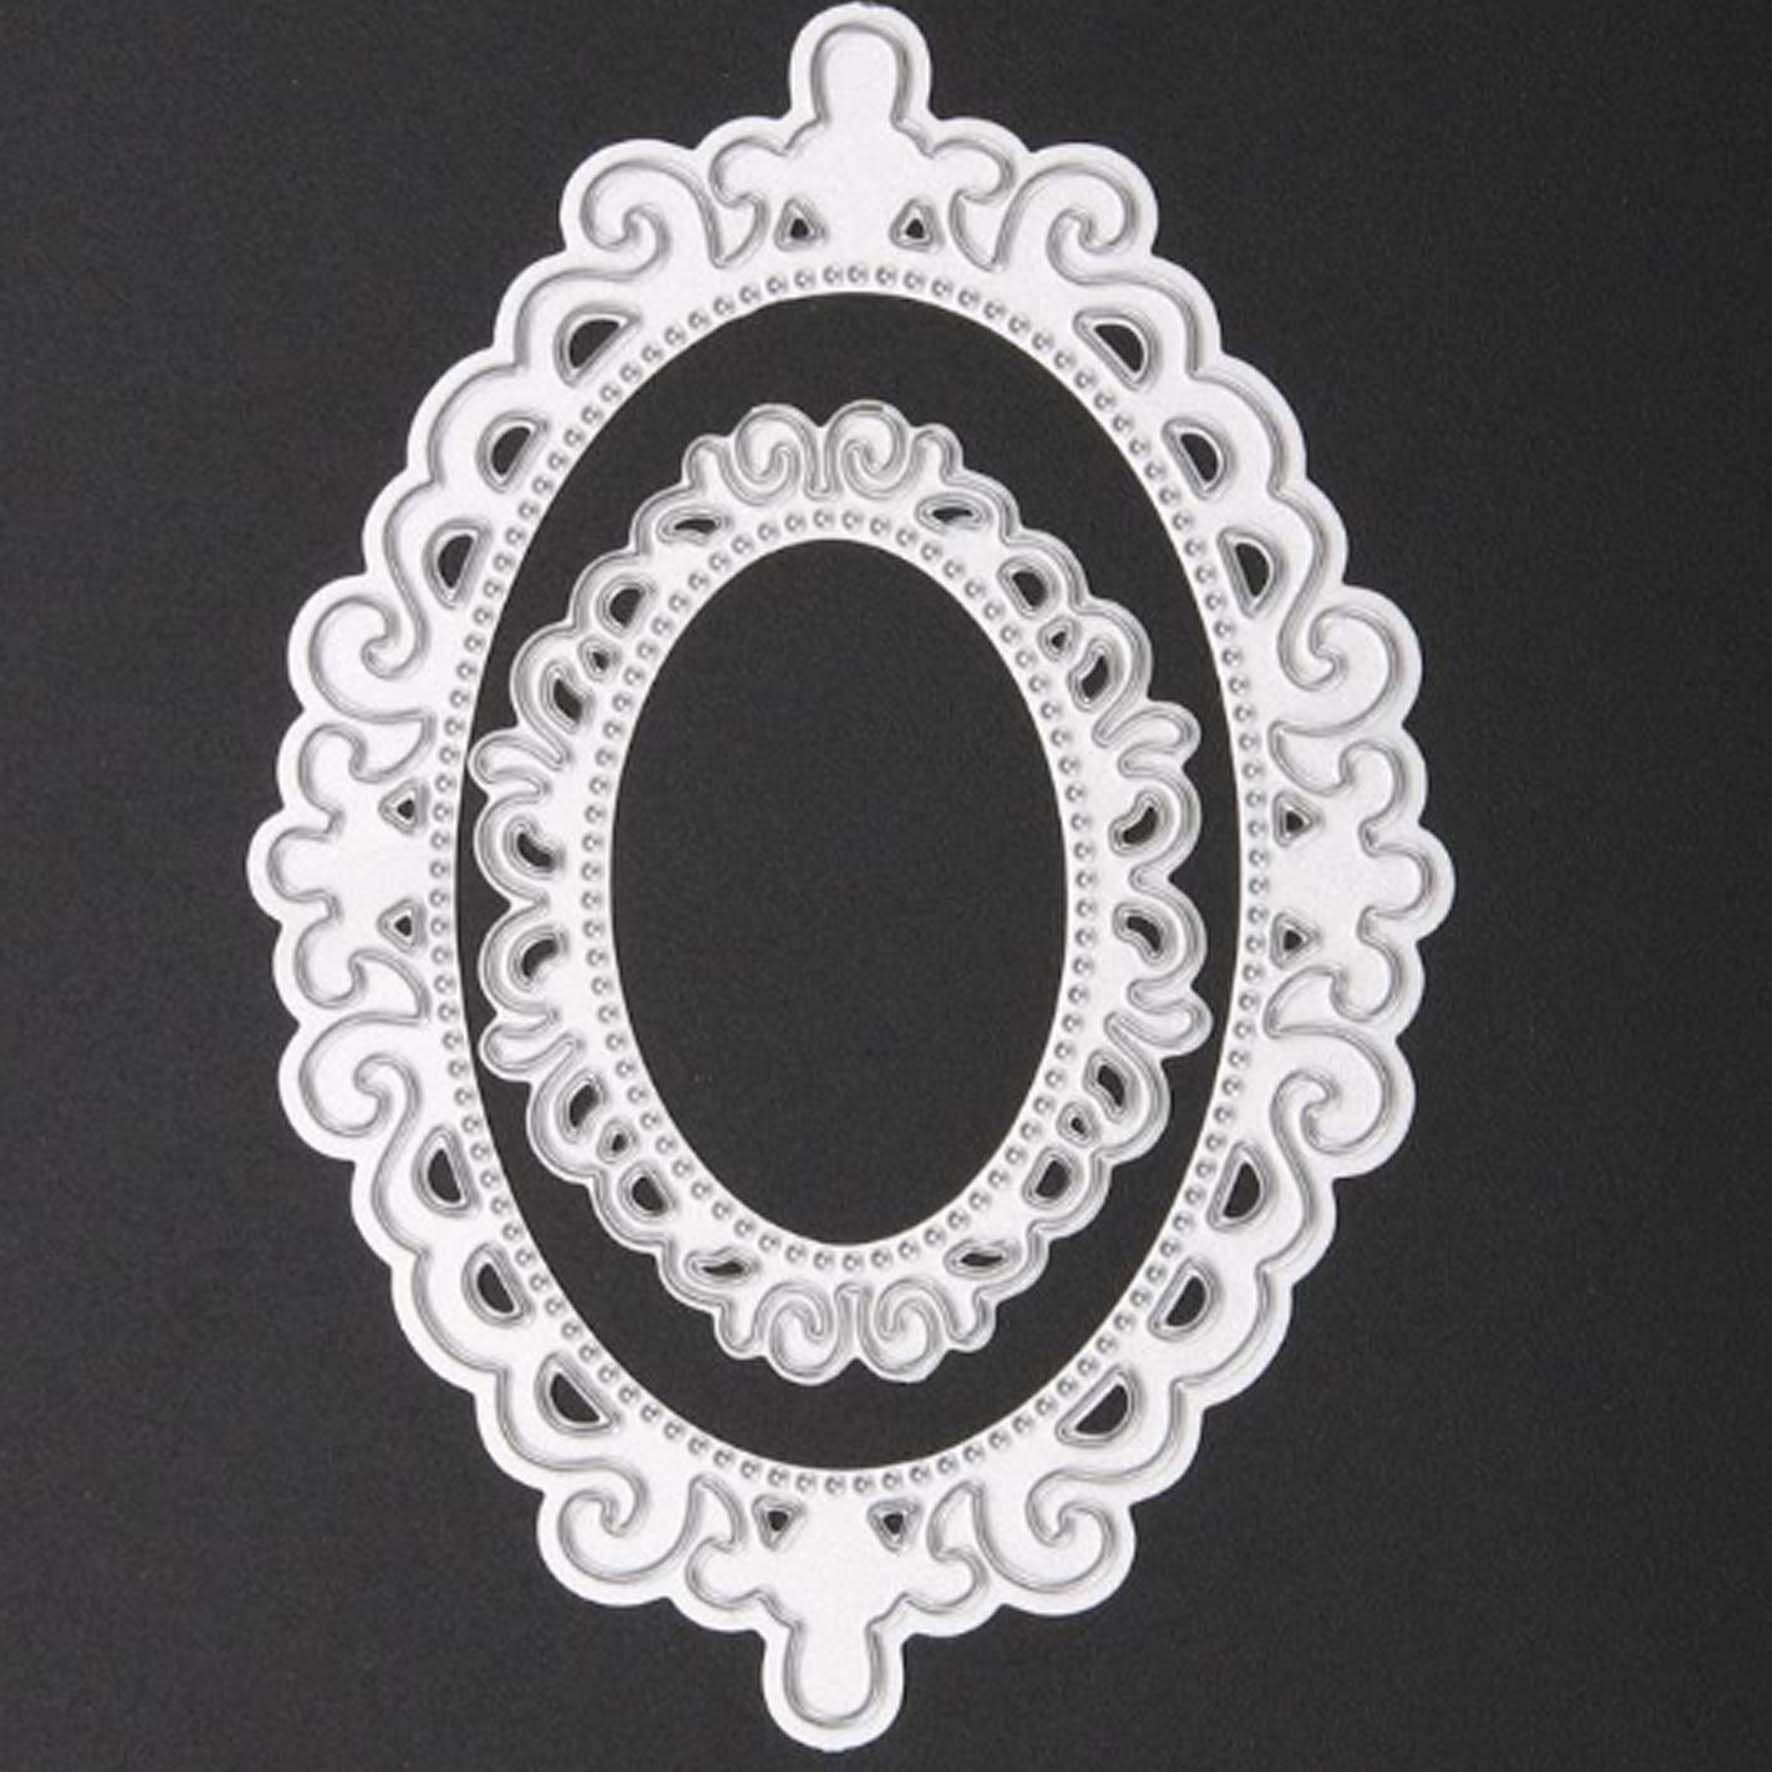 moldura espelho